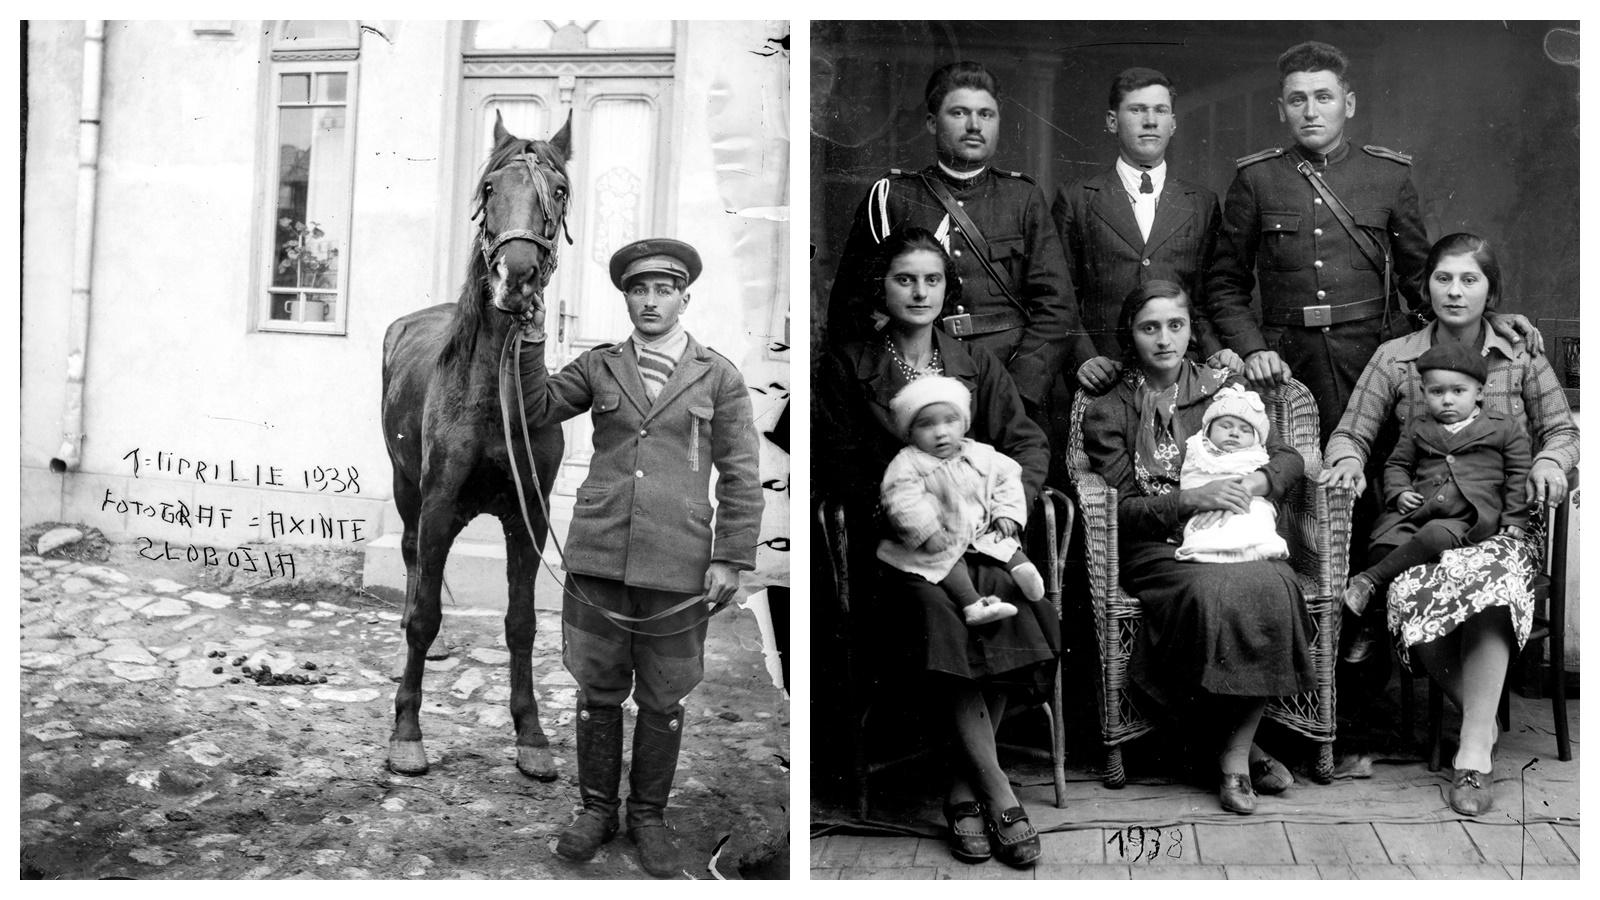 Fotografiile lui Costică Acsinte ajung în București de Ziua Națională a României